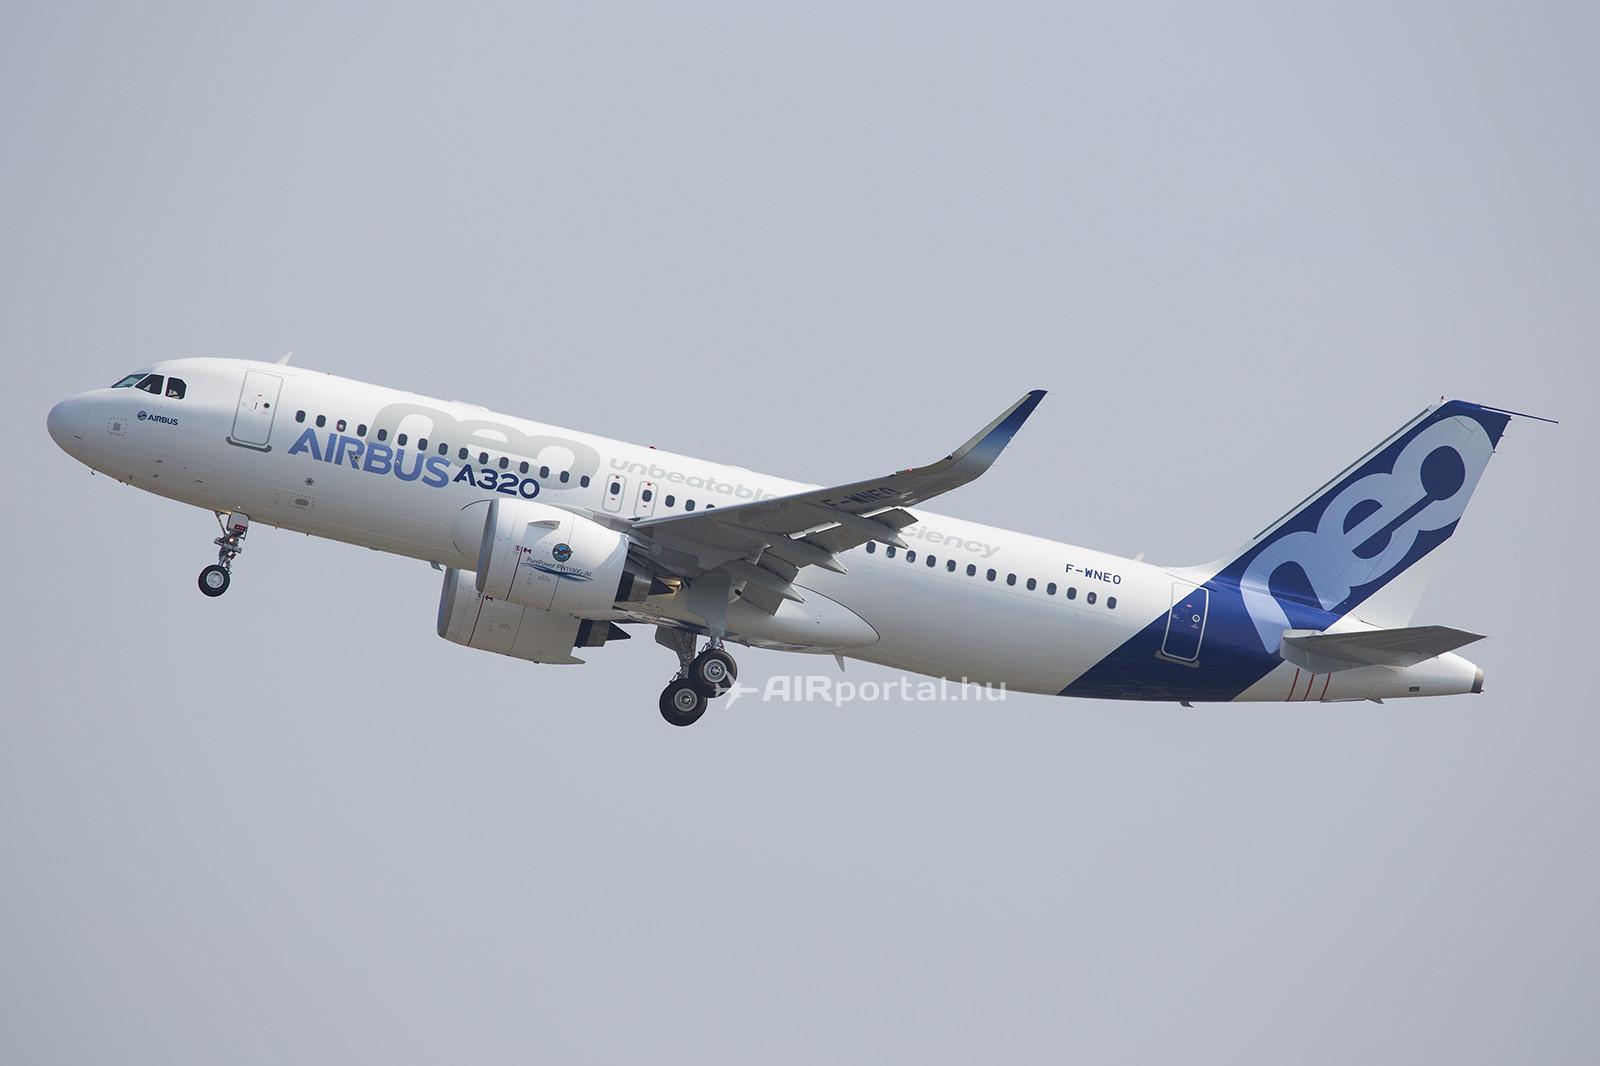 Egyelőre akadozik a neo átadás. (Fotó: Airbus) | © AIRportal.hu